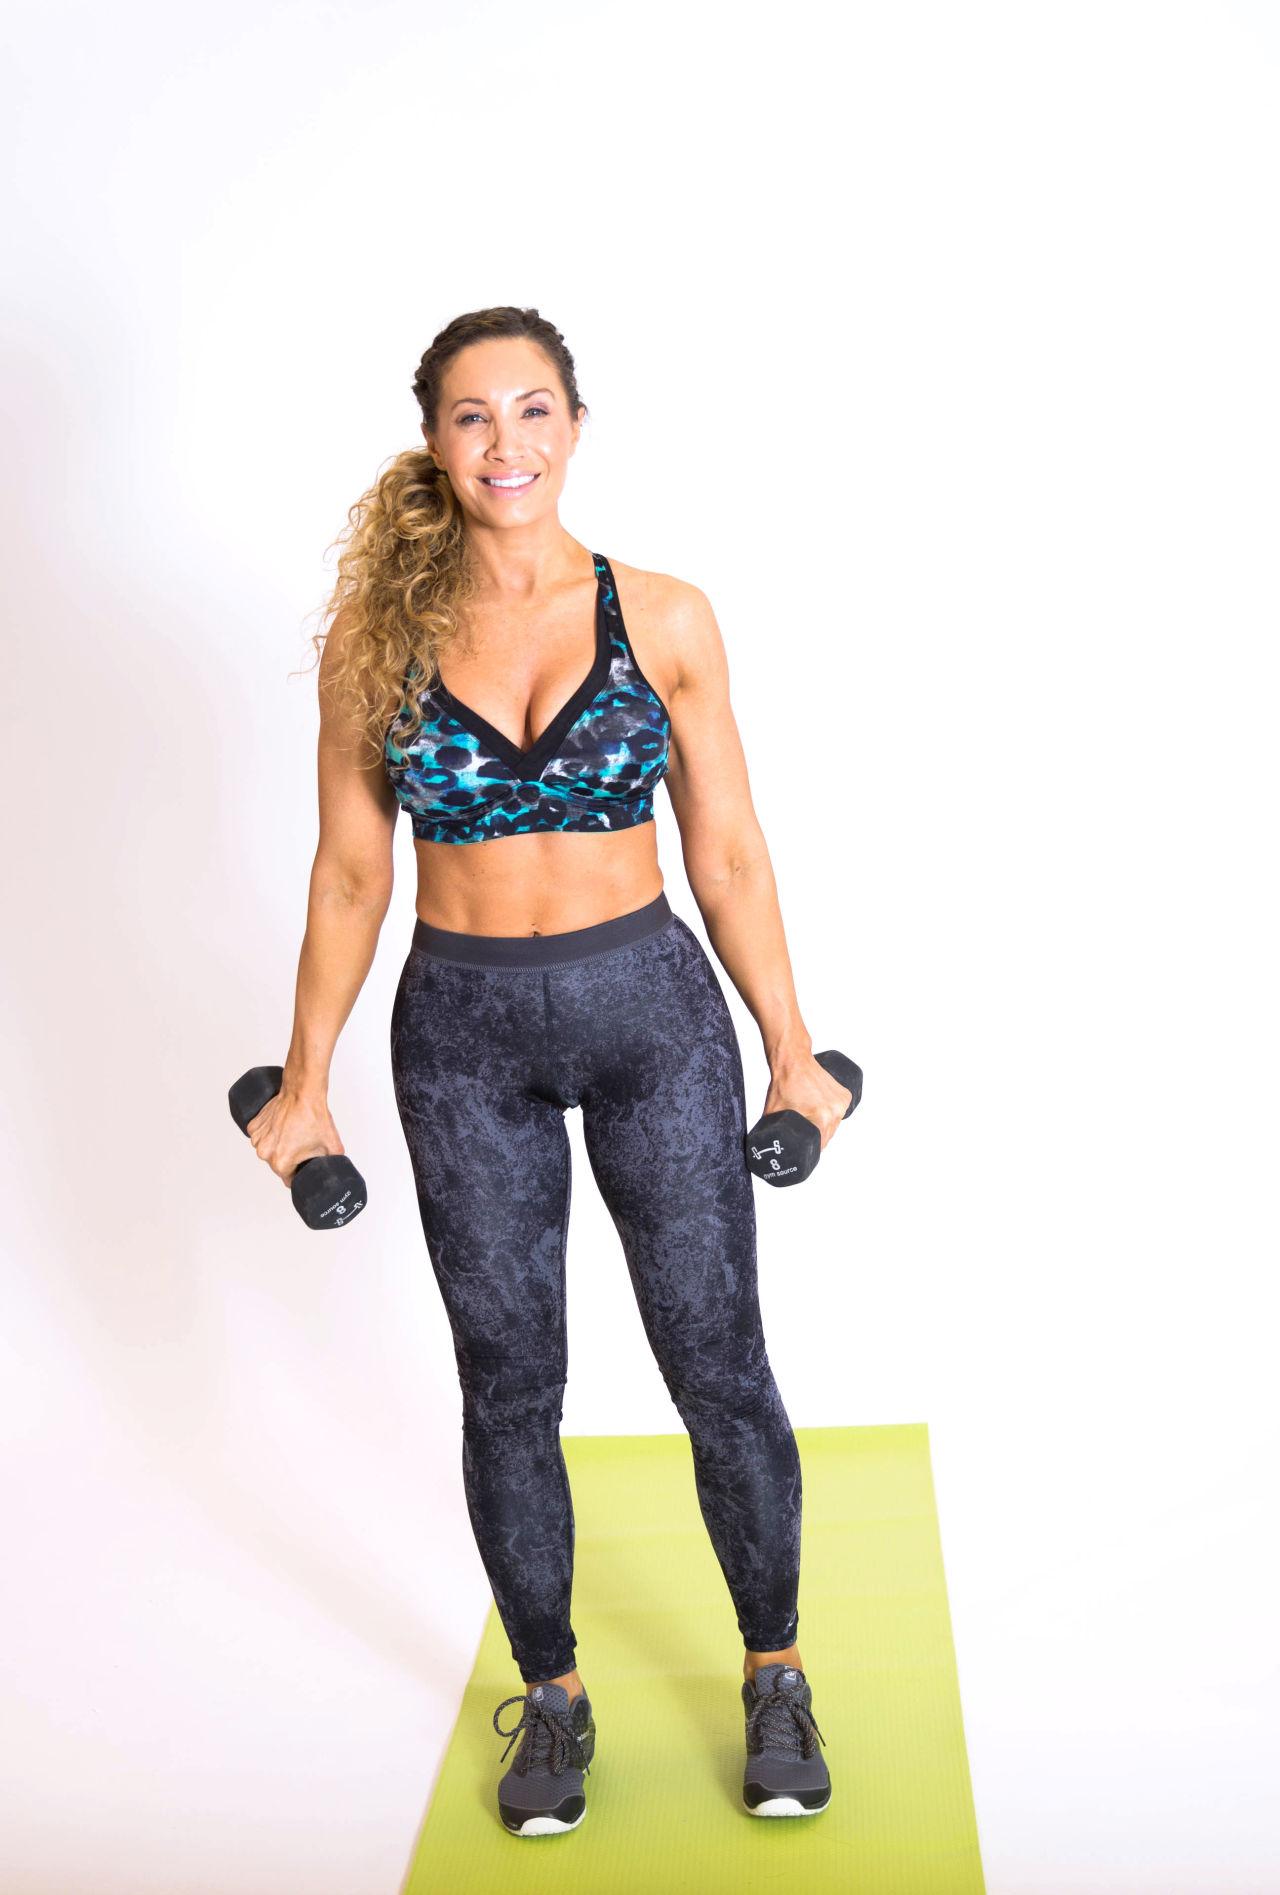 Lisa carrick butt new images